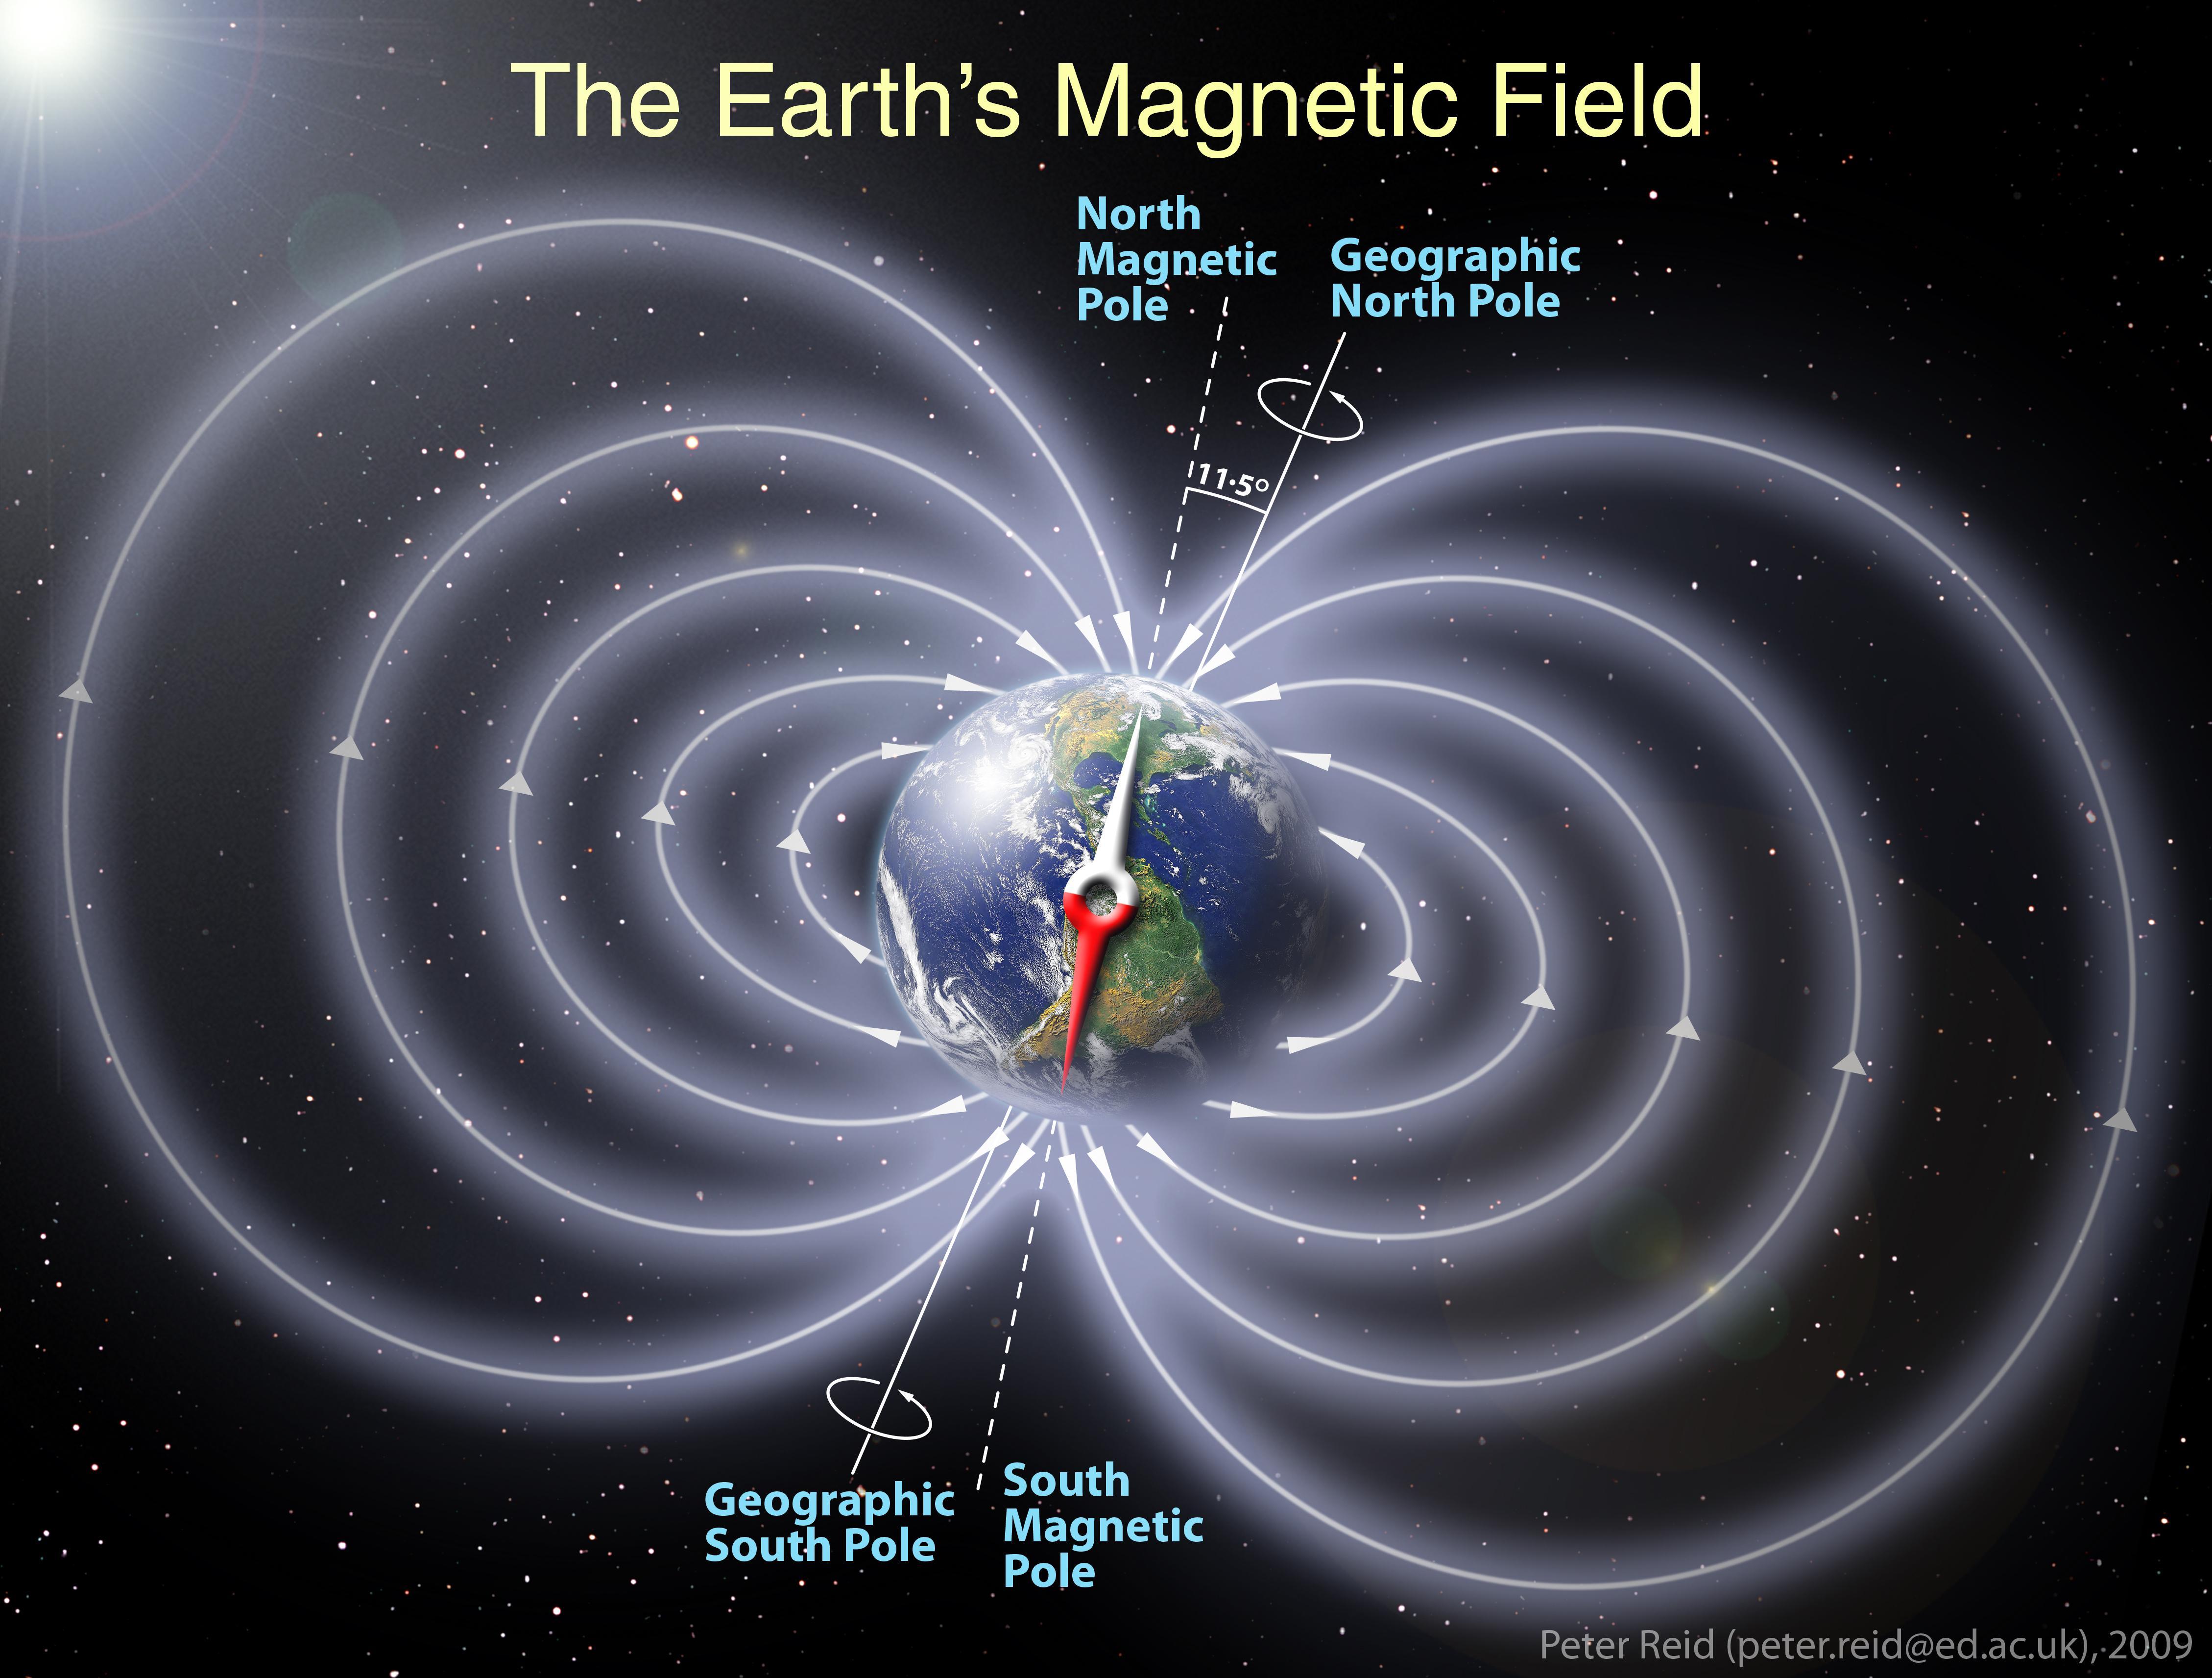 lustración esquemática del campo magnético de la Tierra. Créditos: Peter Reid, Universidad de Edimburgo.